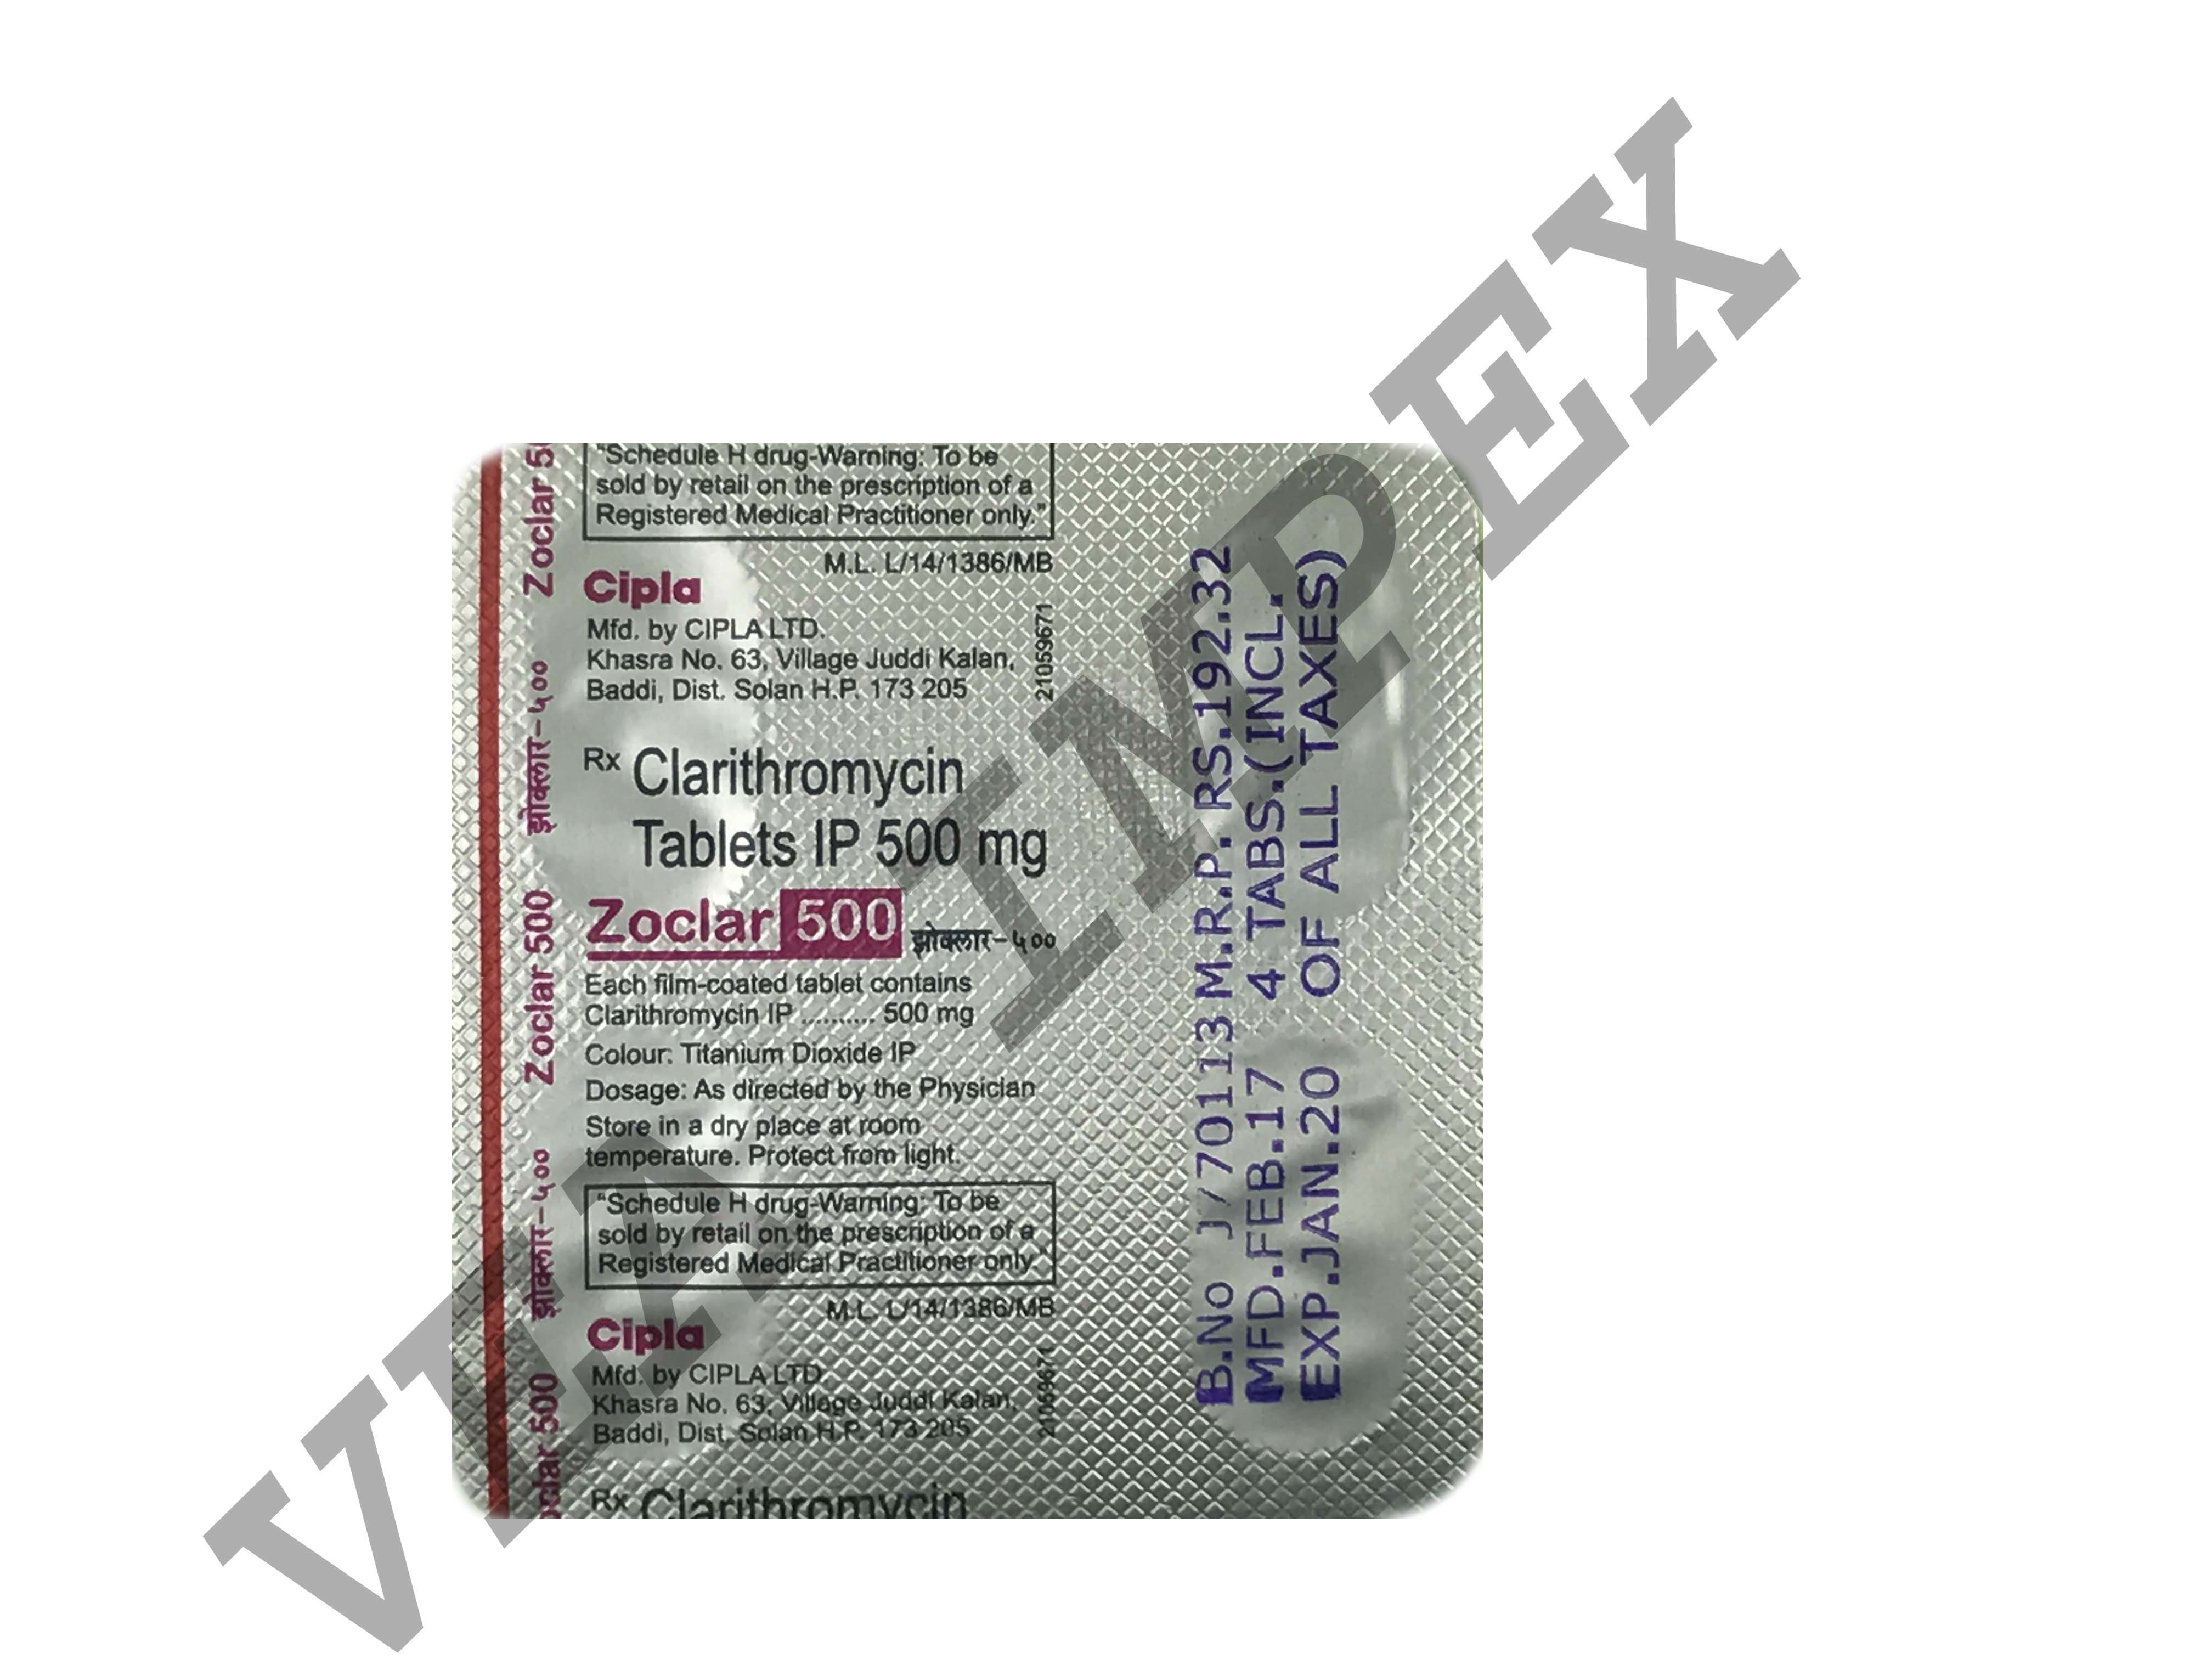 Zoclar Clarithromycin 500 mg Tablets